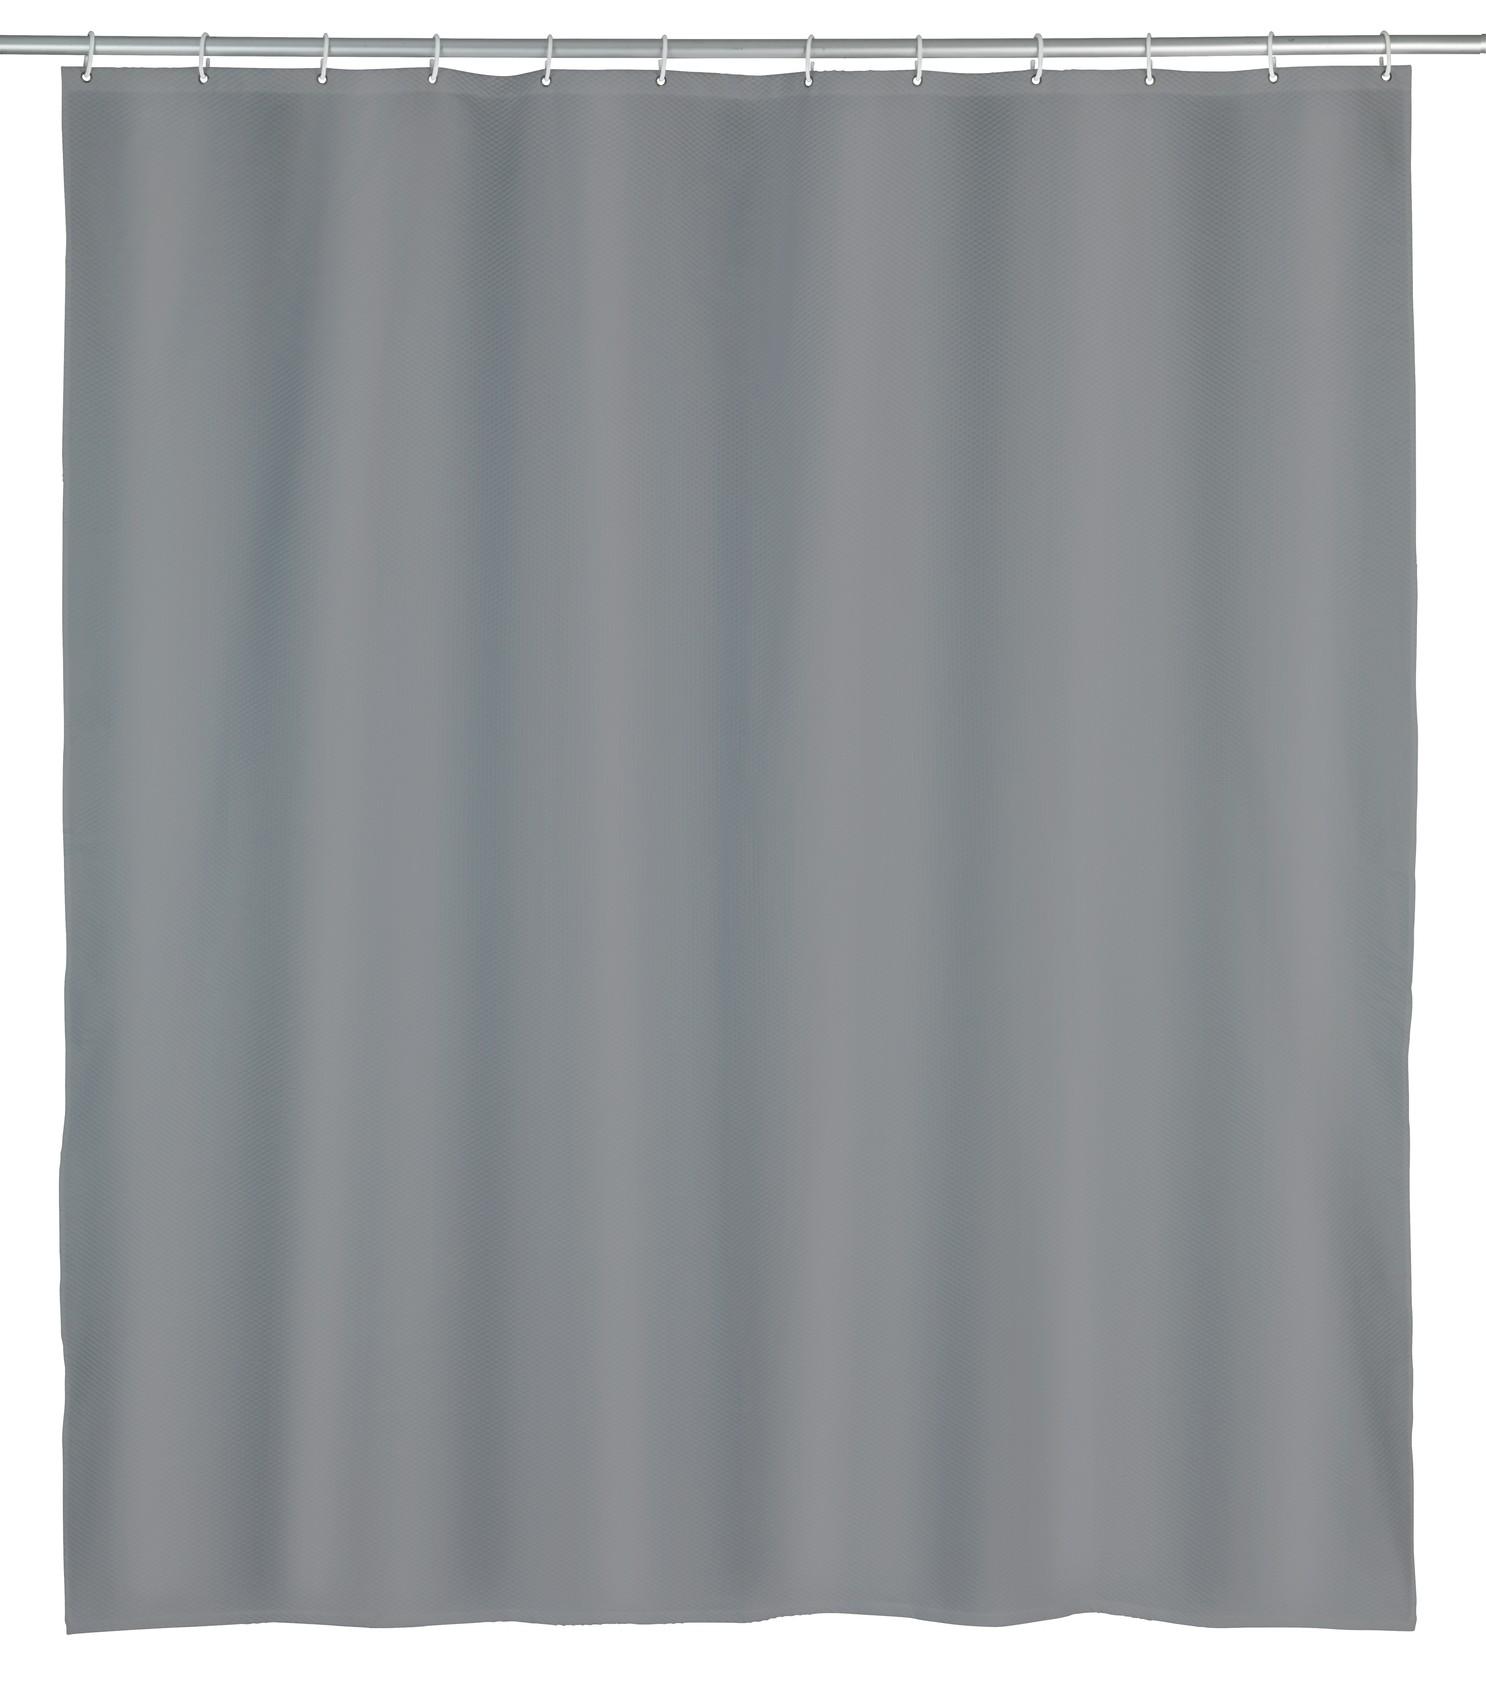 Wenko Duschvorhang Punto Grau, Polyester, 180 x 200 cm, waschbar